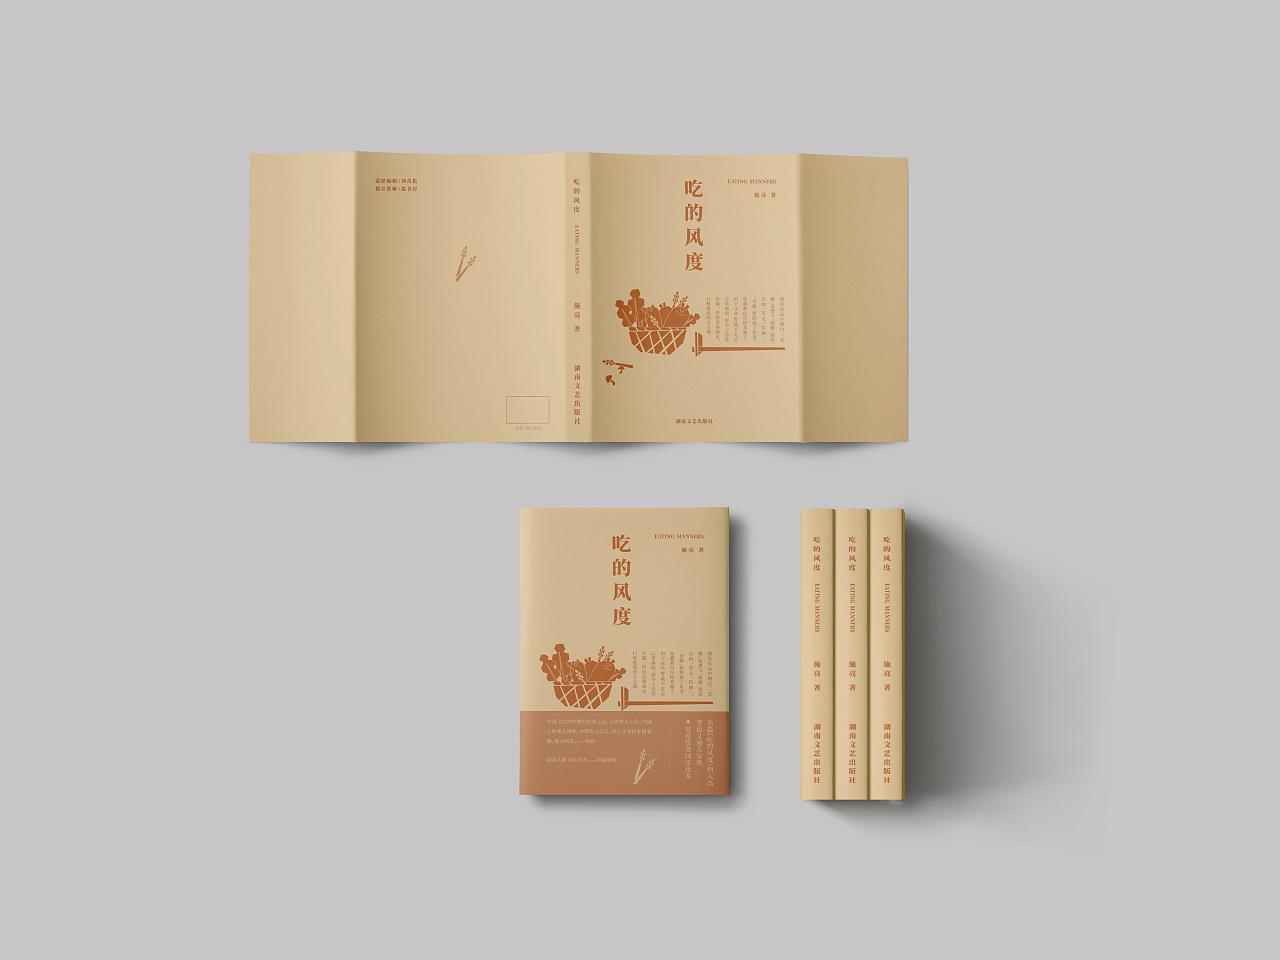 2016年书籍封面设计图片